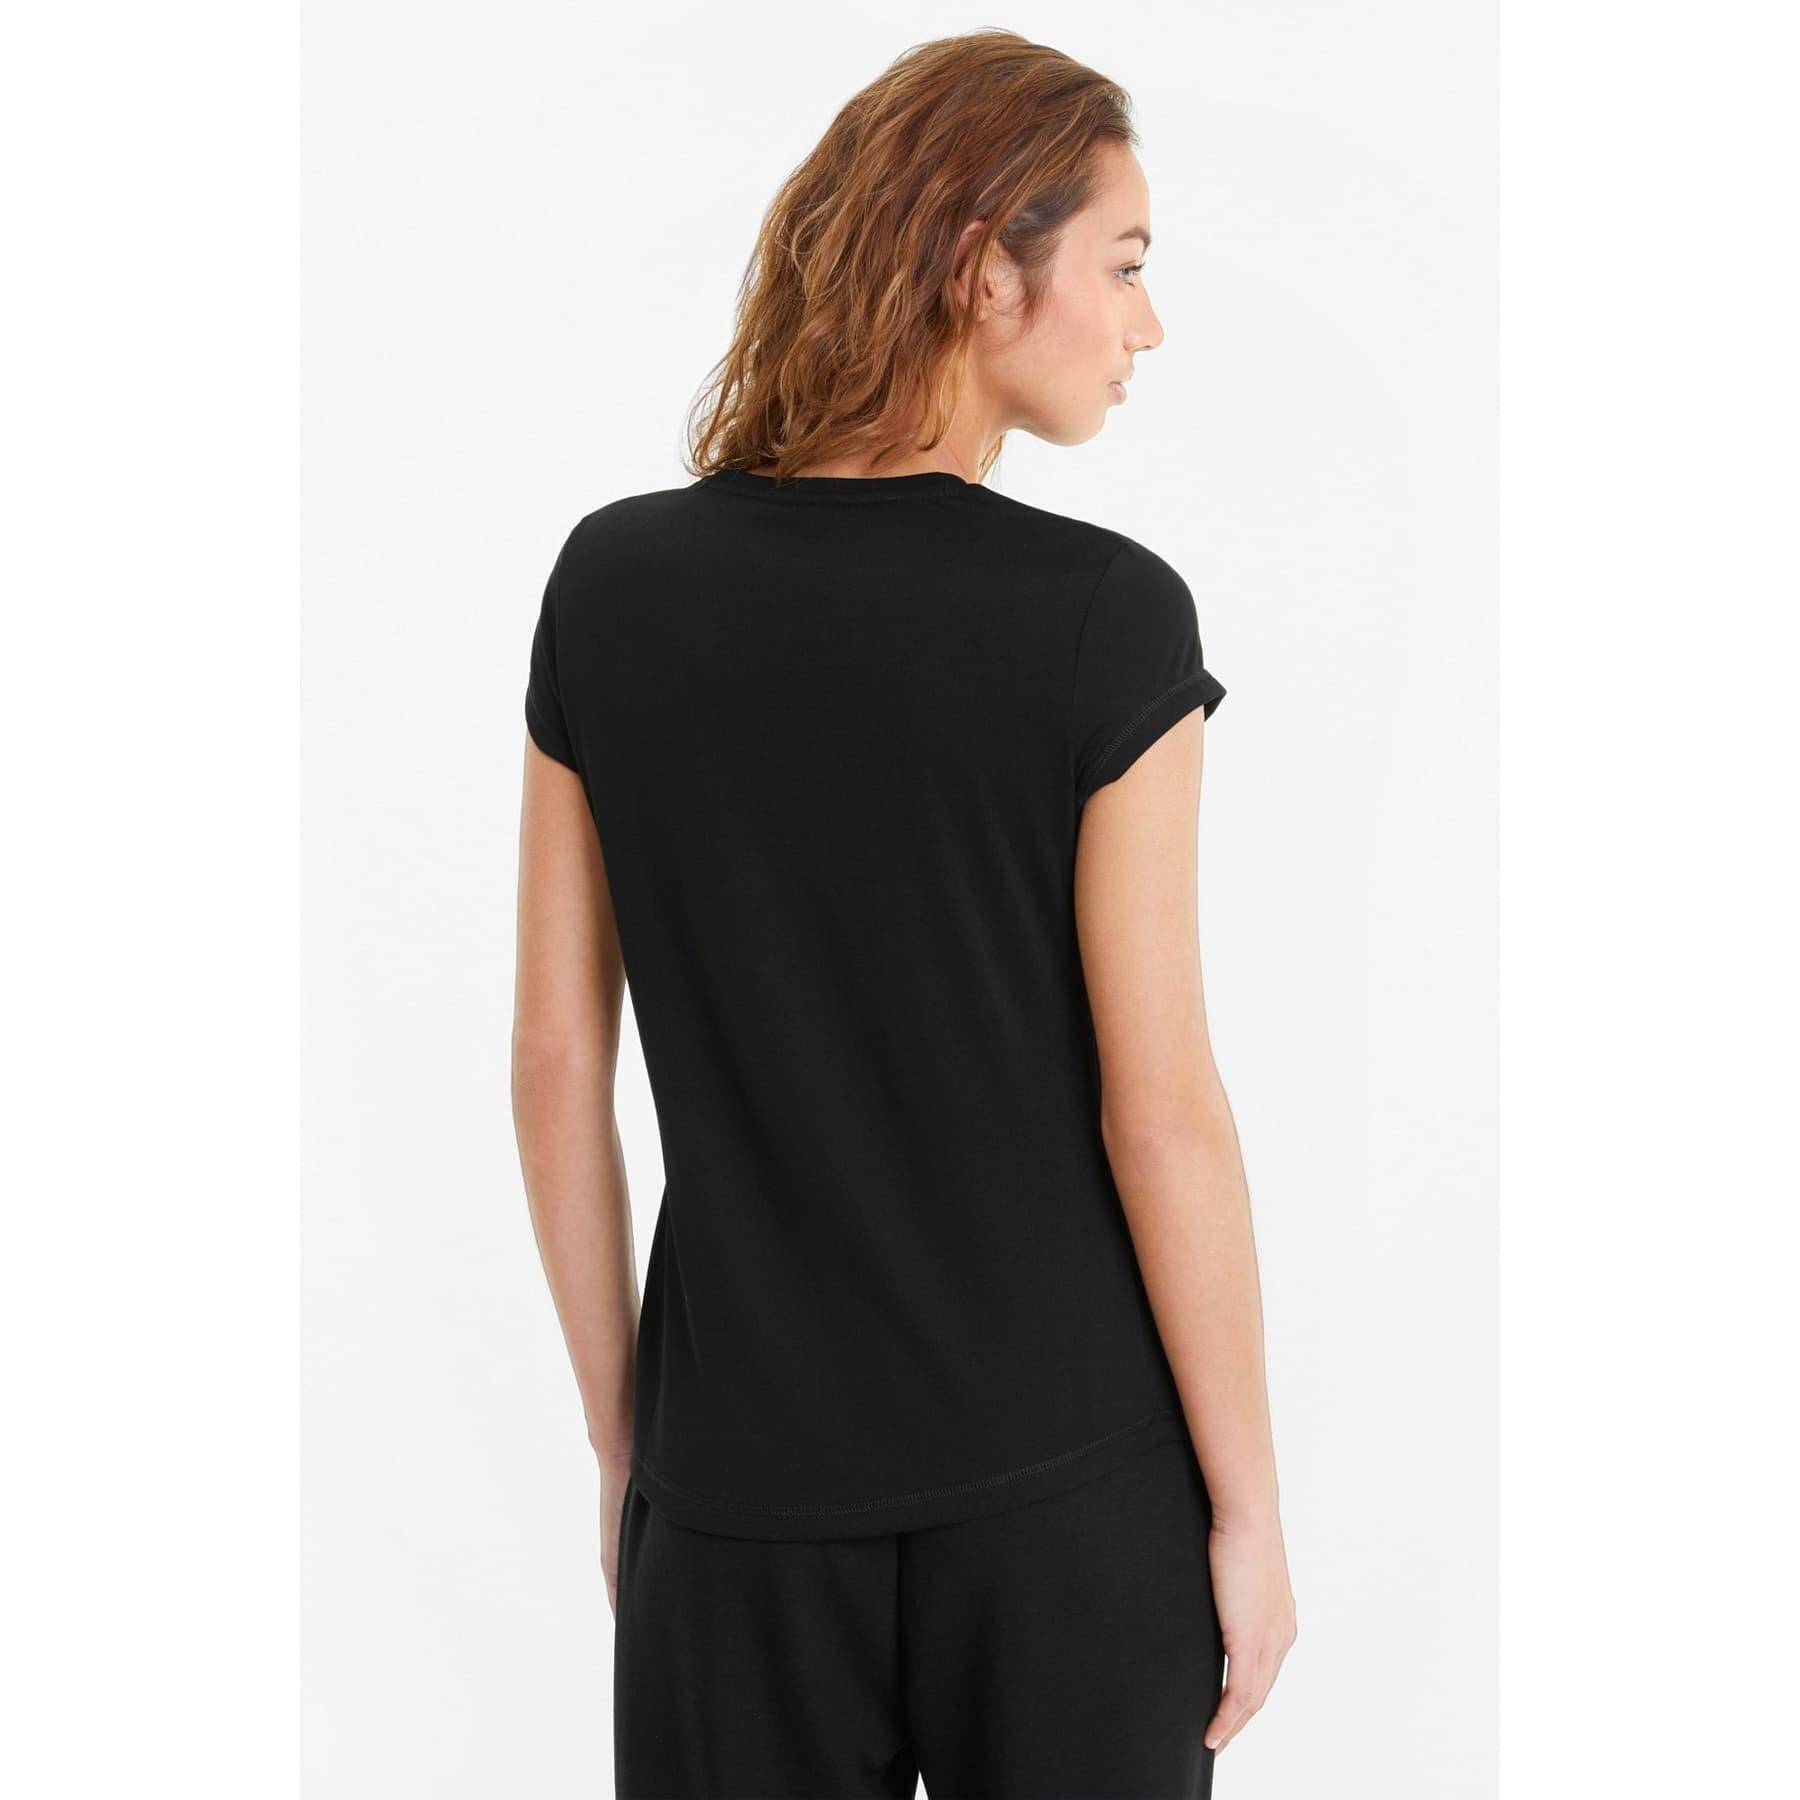 Active Short-Sleeve Kadın Siyah Tişört (586857-01)